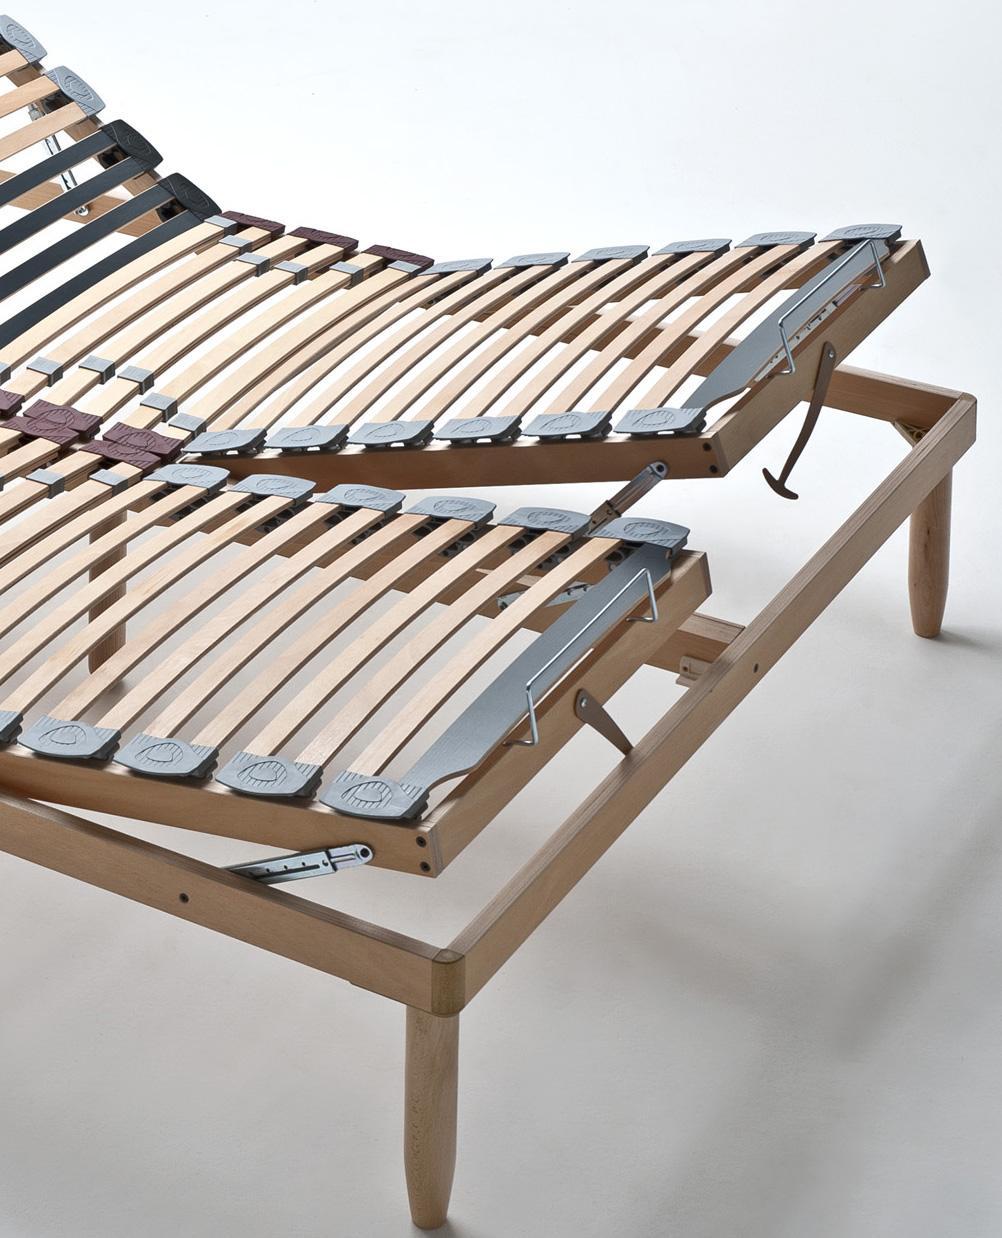 Rete in legno matrimoniale con alzate manuali indipendenti lemon - Rete letto legno ...